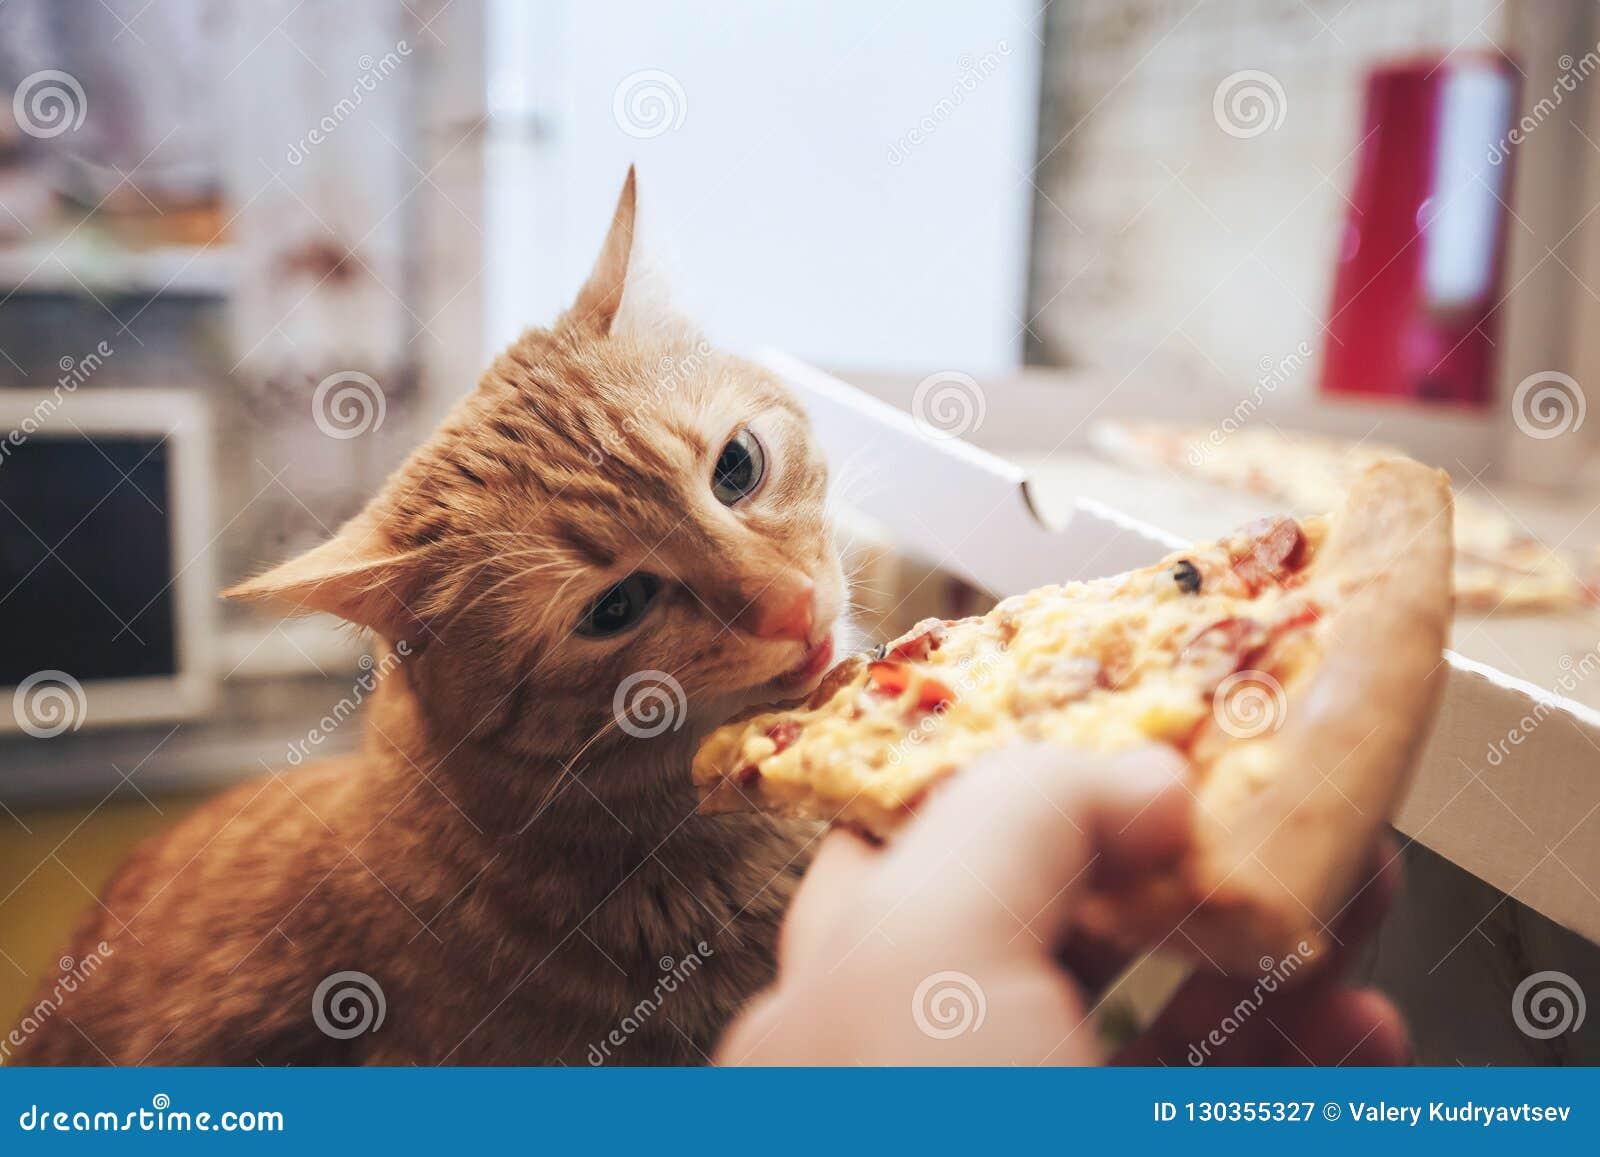 Ingwer und Pizza